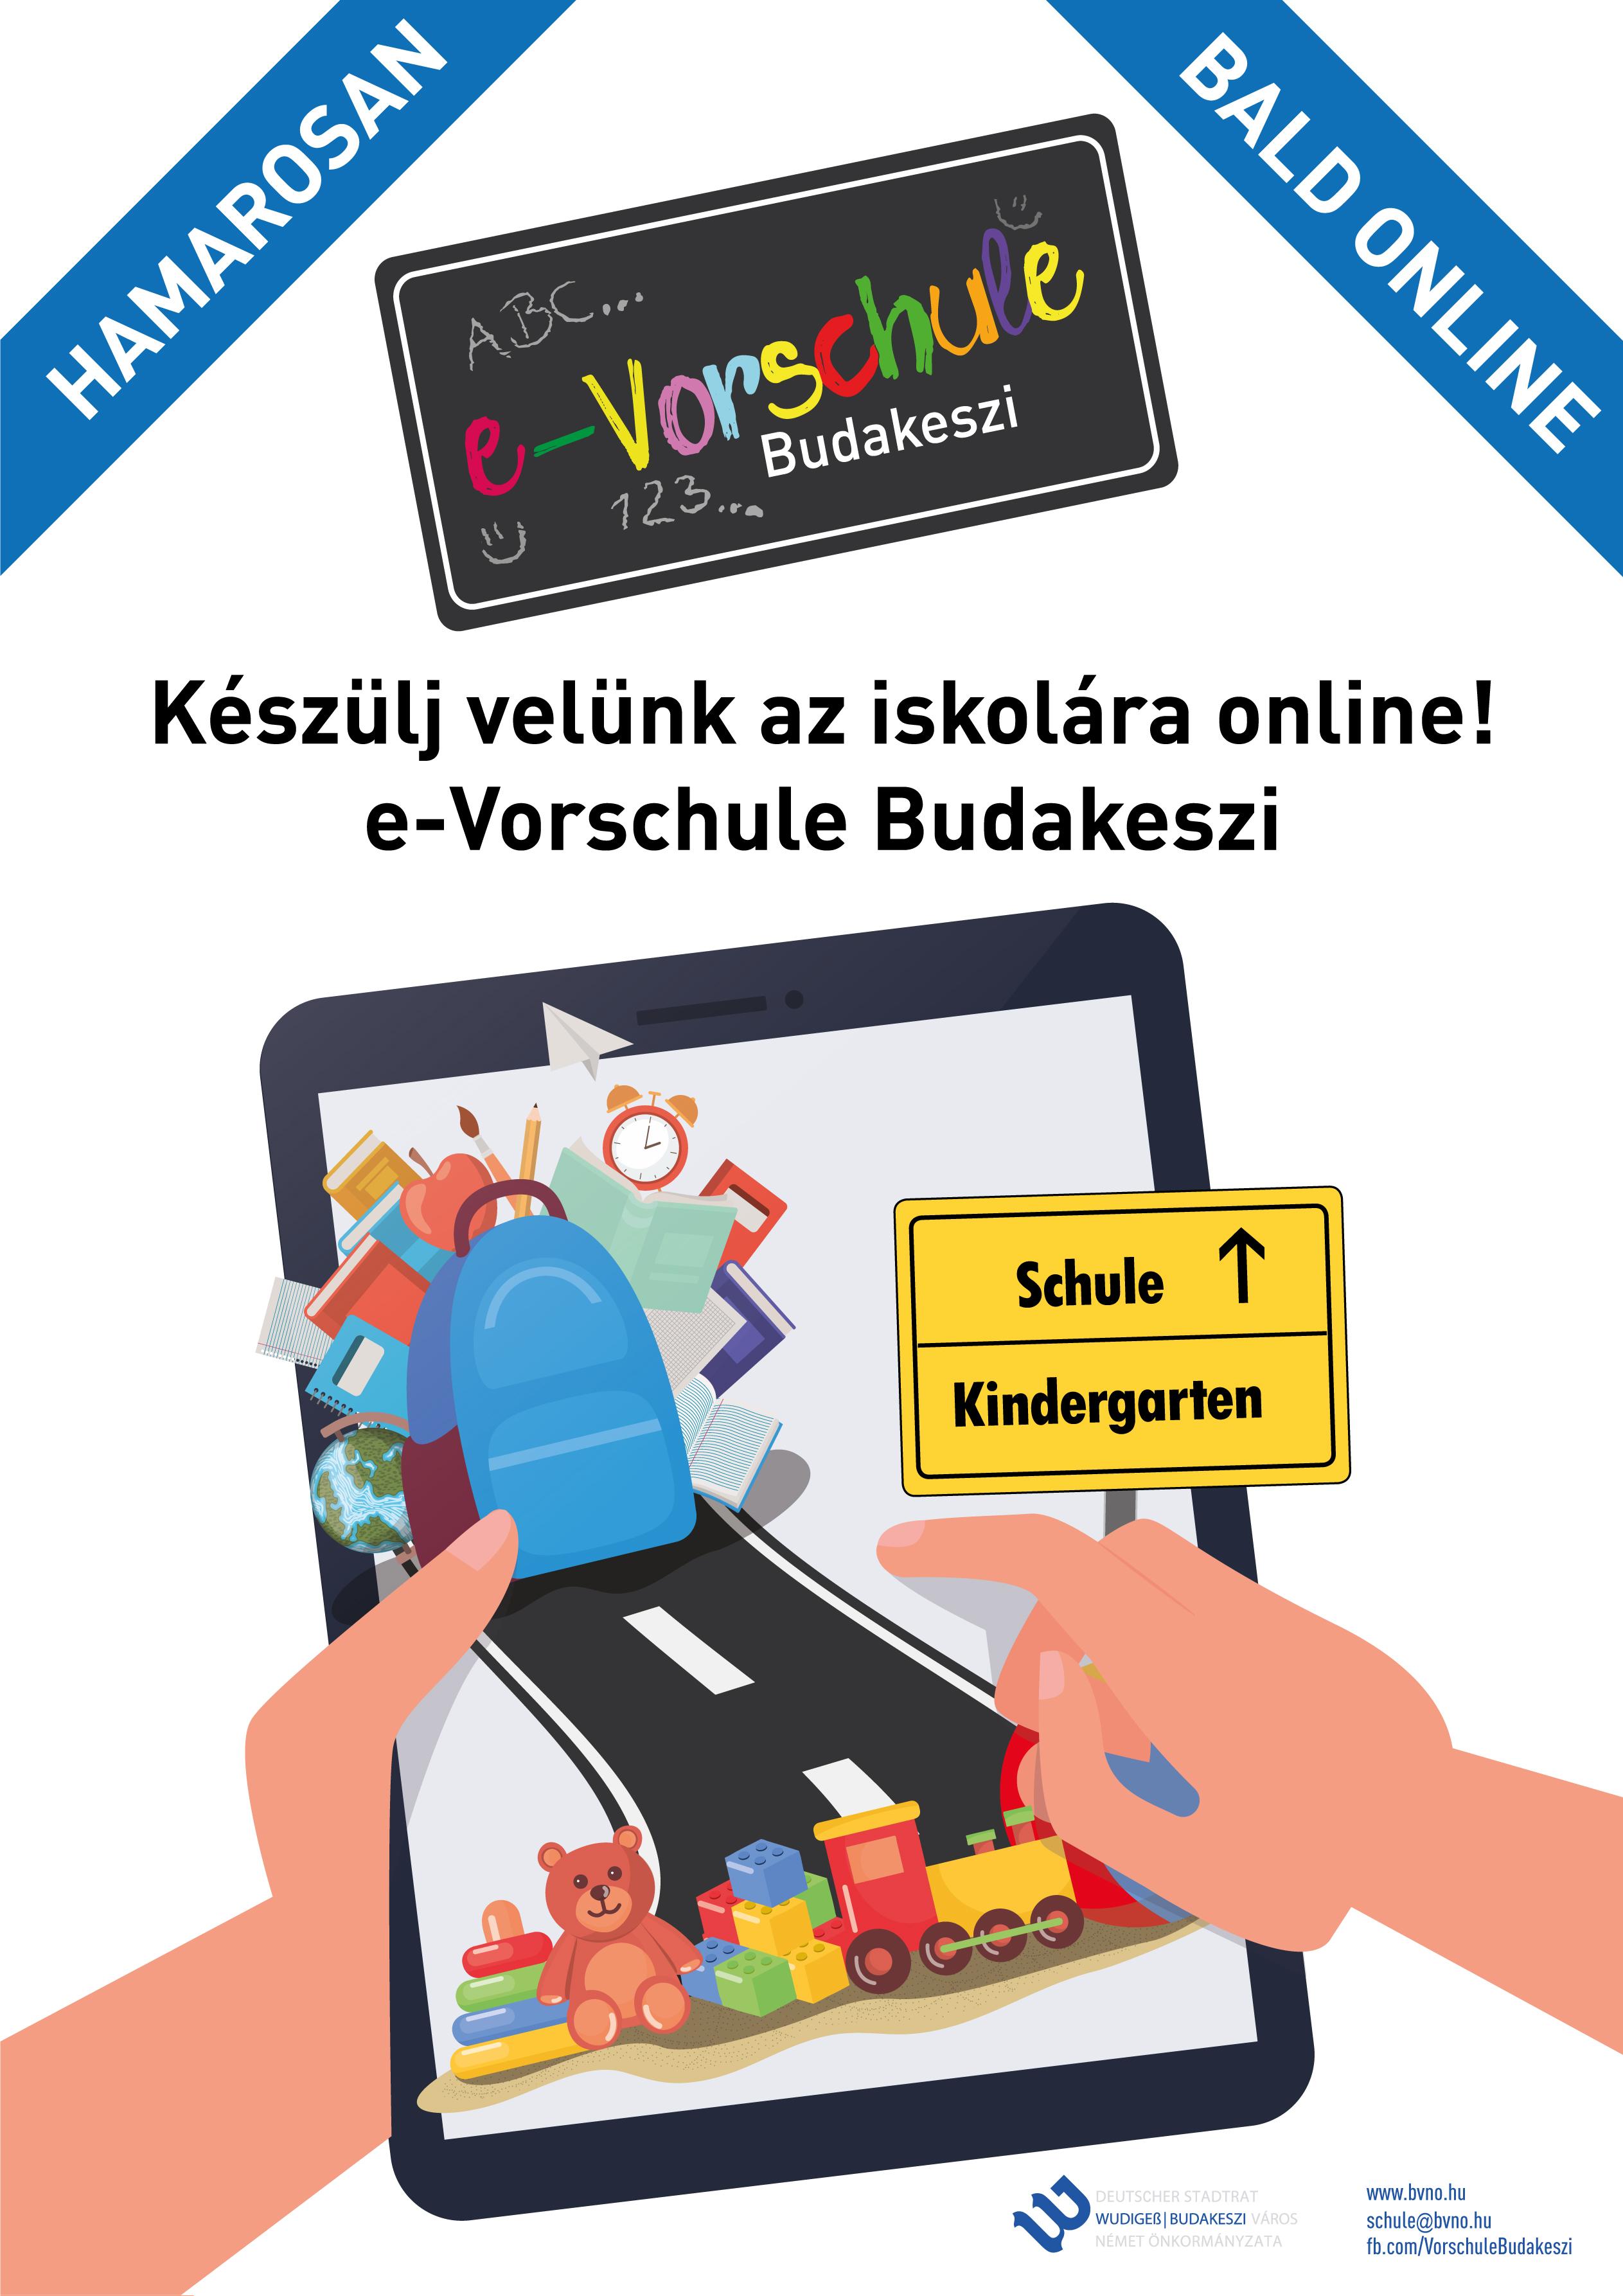 e-Vorschule